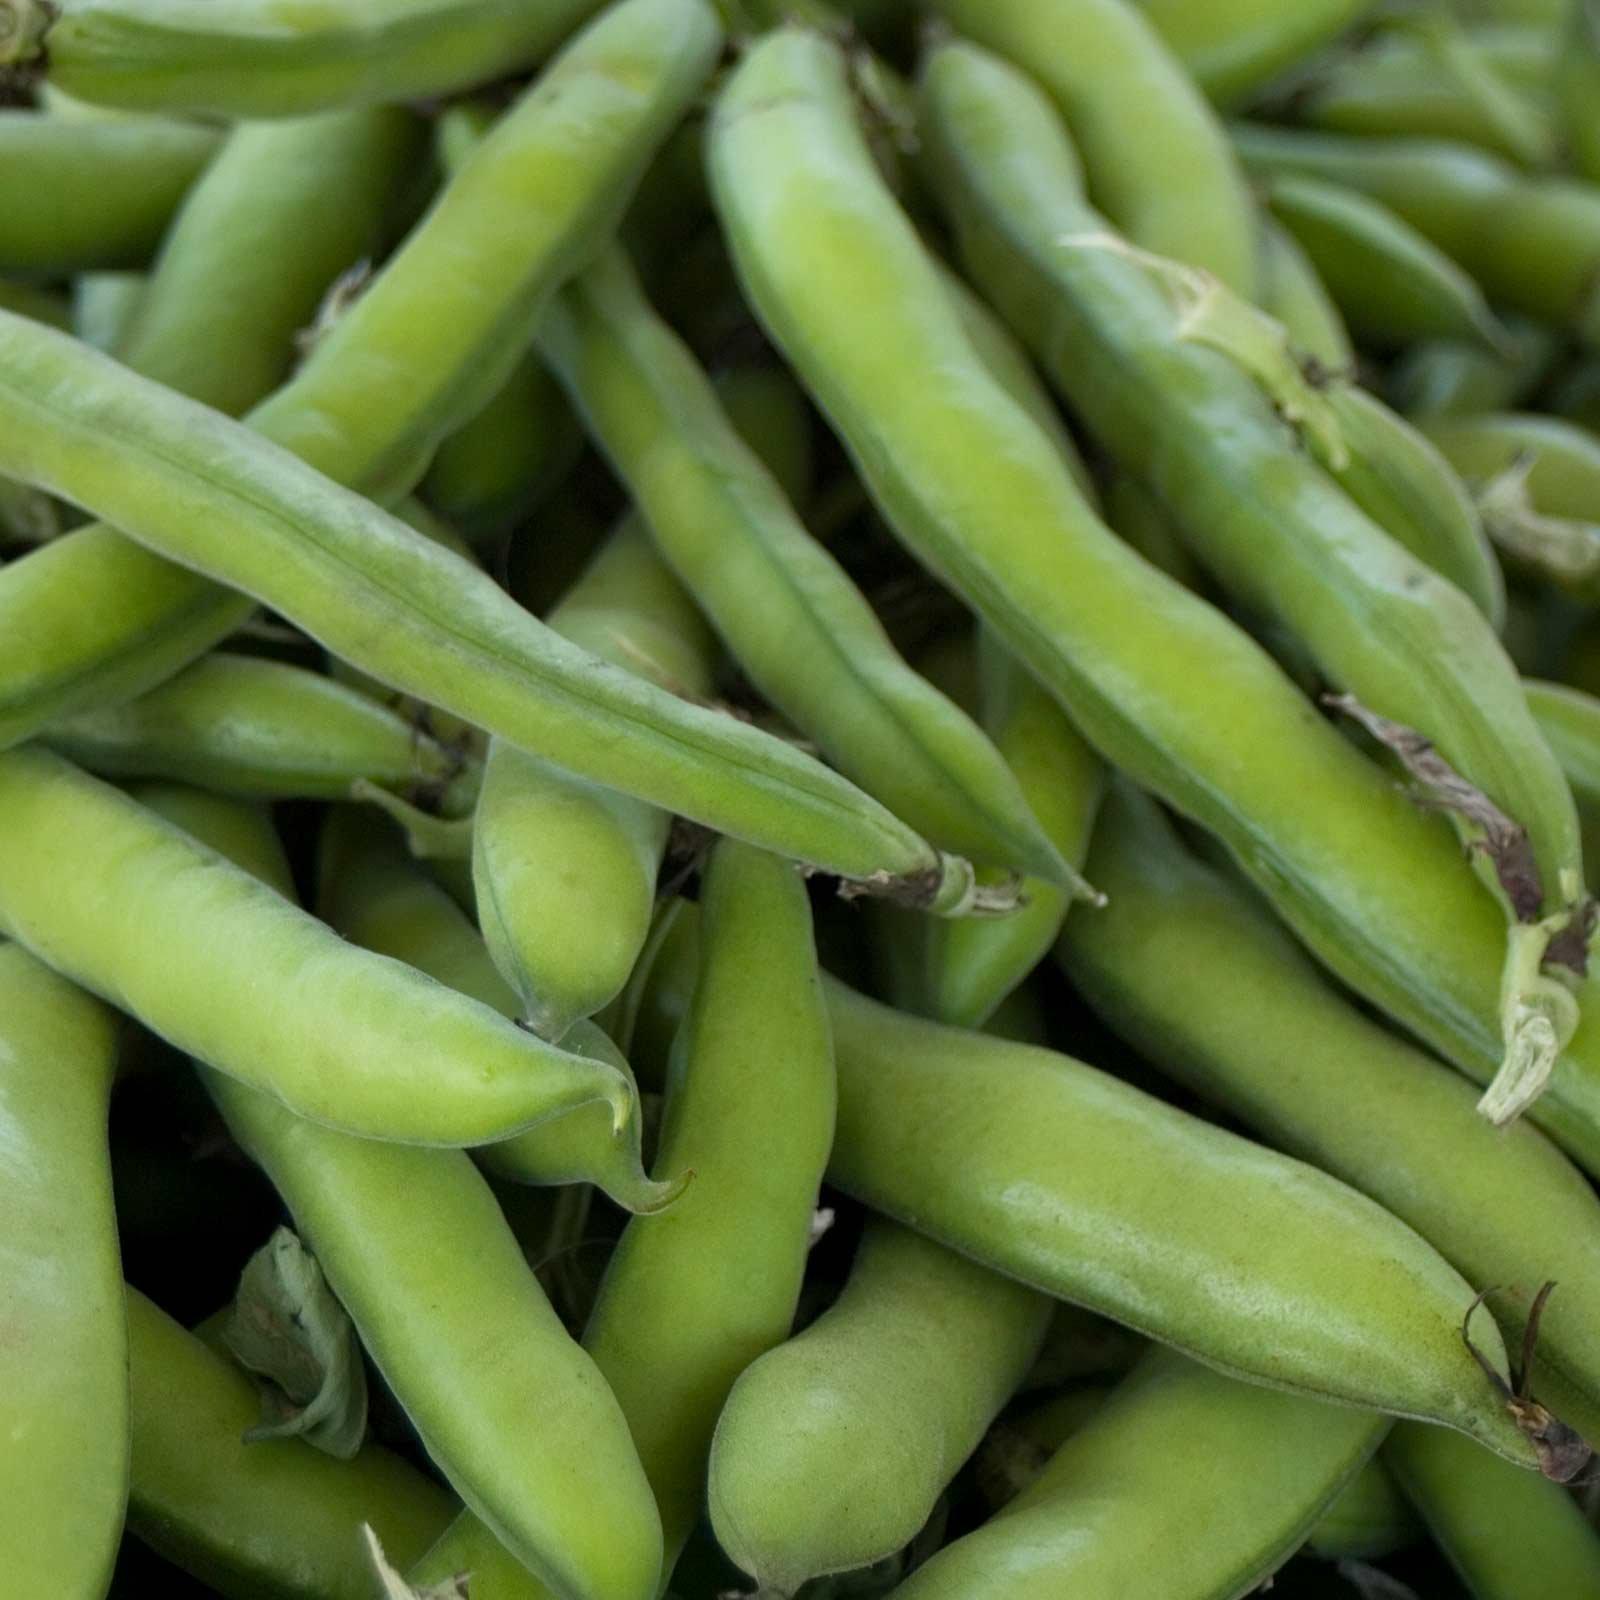 Roma II Bush Bean Seeds - 5 Lb - Non-GMO, Heirloom Green Snap Roma 2 Bean Seeds - Vegetable Garden Seeds